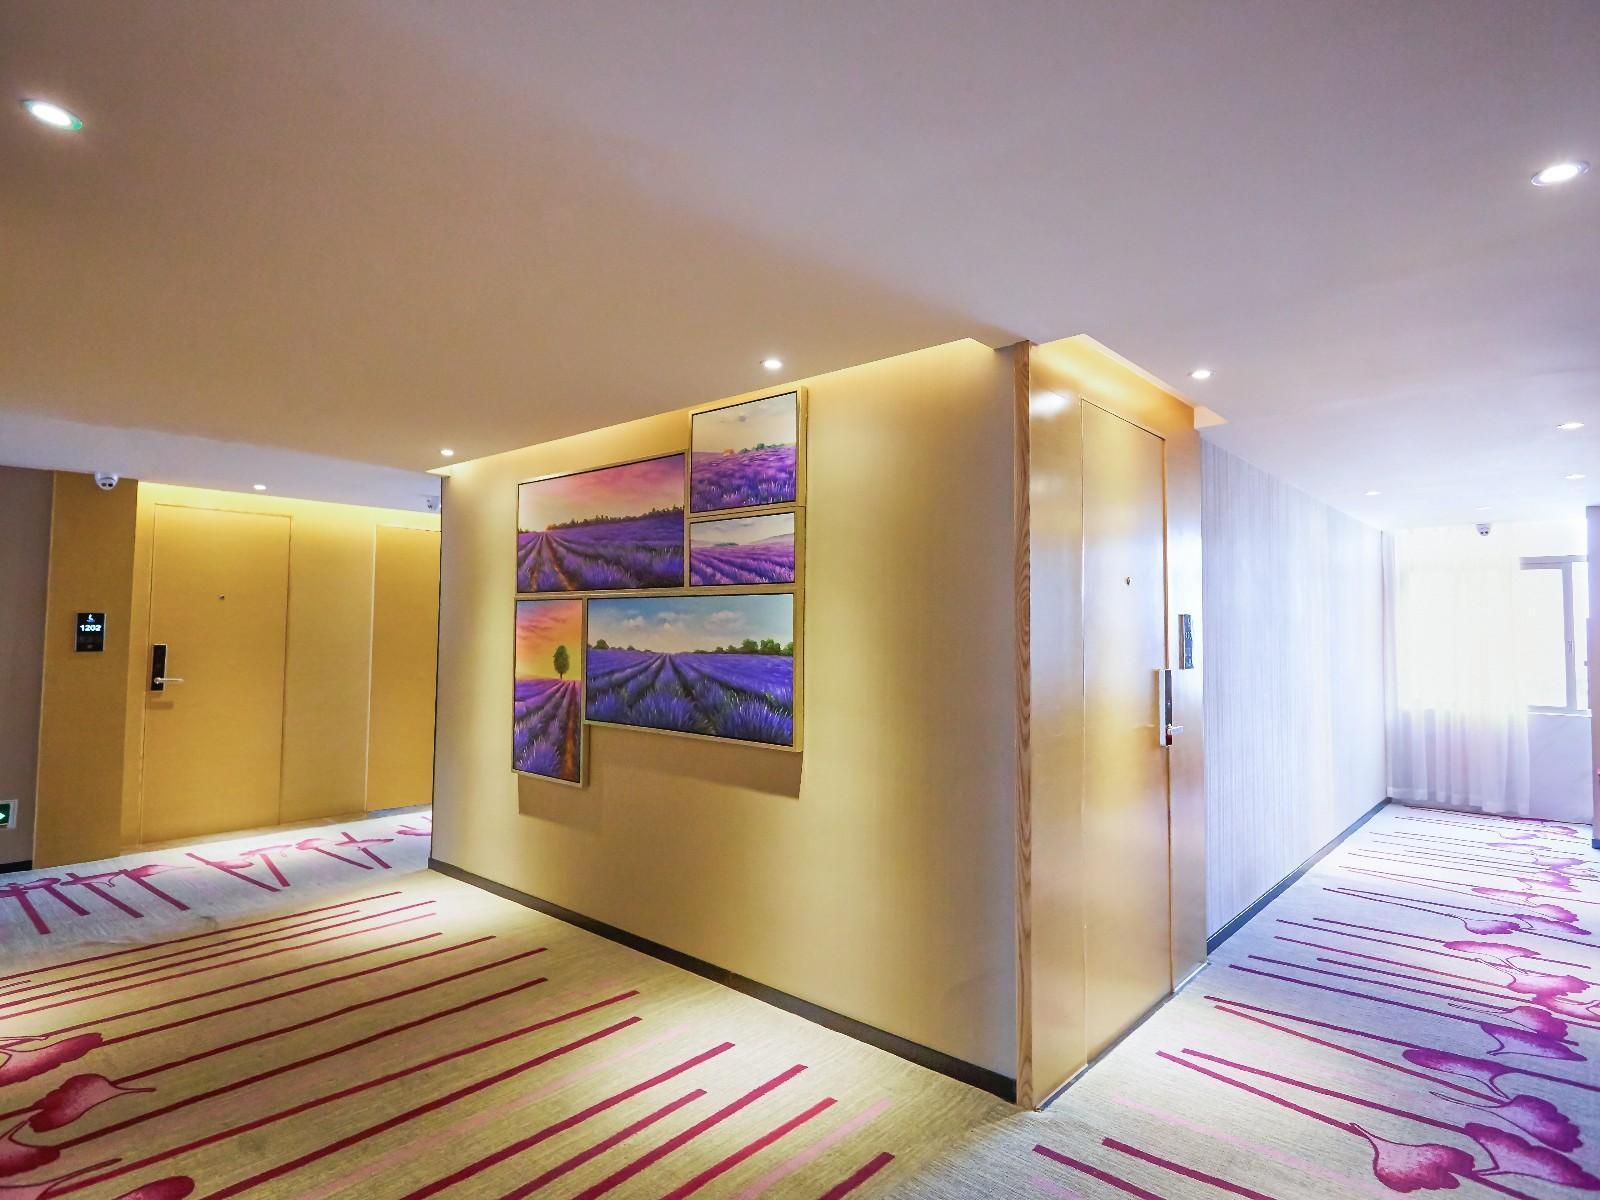 Lavande Hotels·Zhanjiang Haibin Avenue Jiangnan Shijia, Zhanjiang